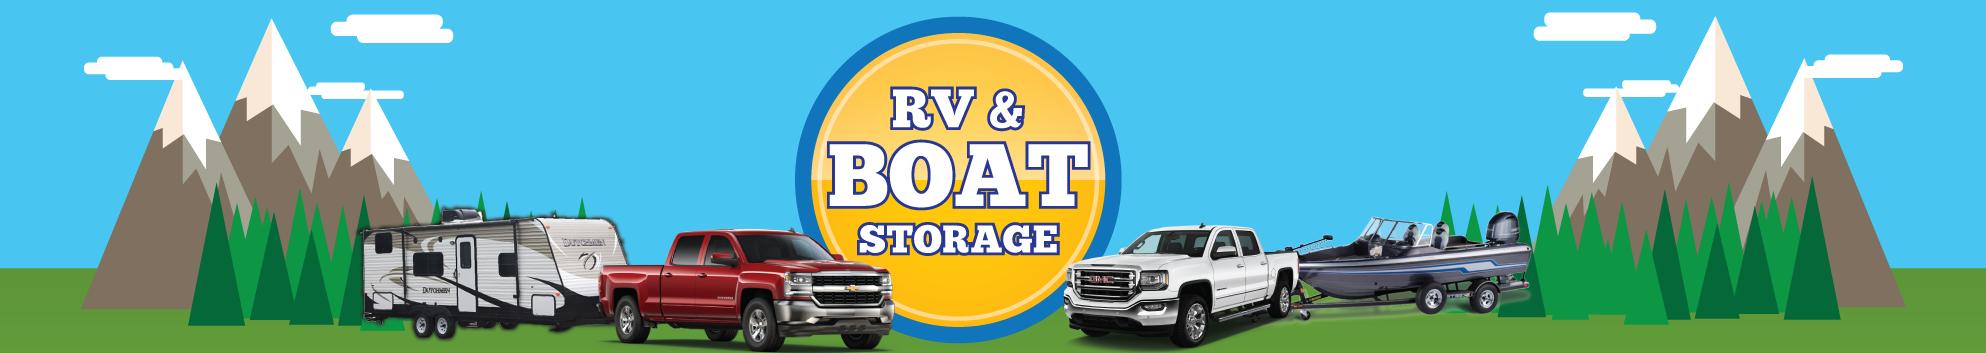 RV Boat Storage